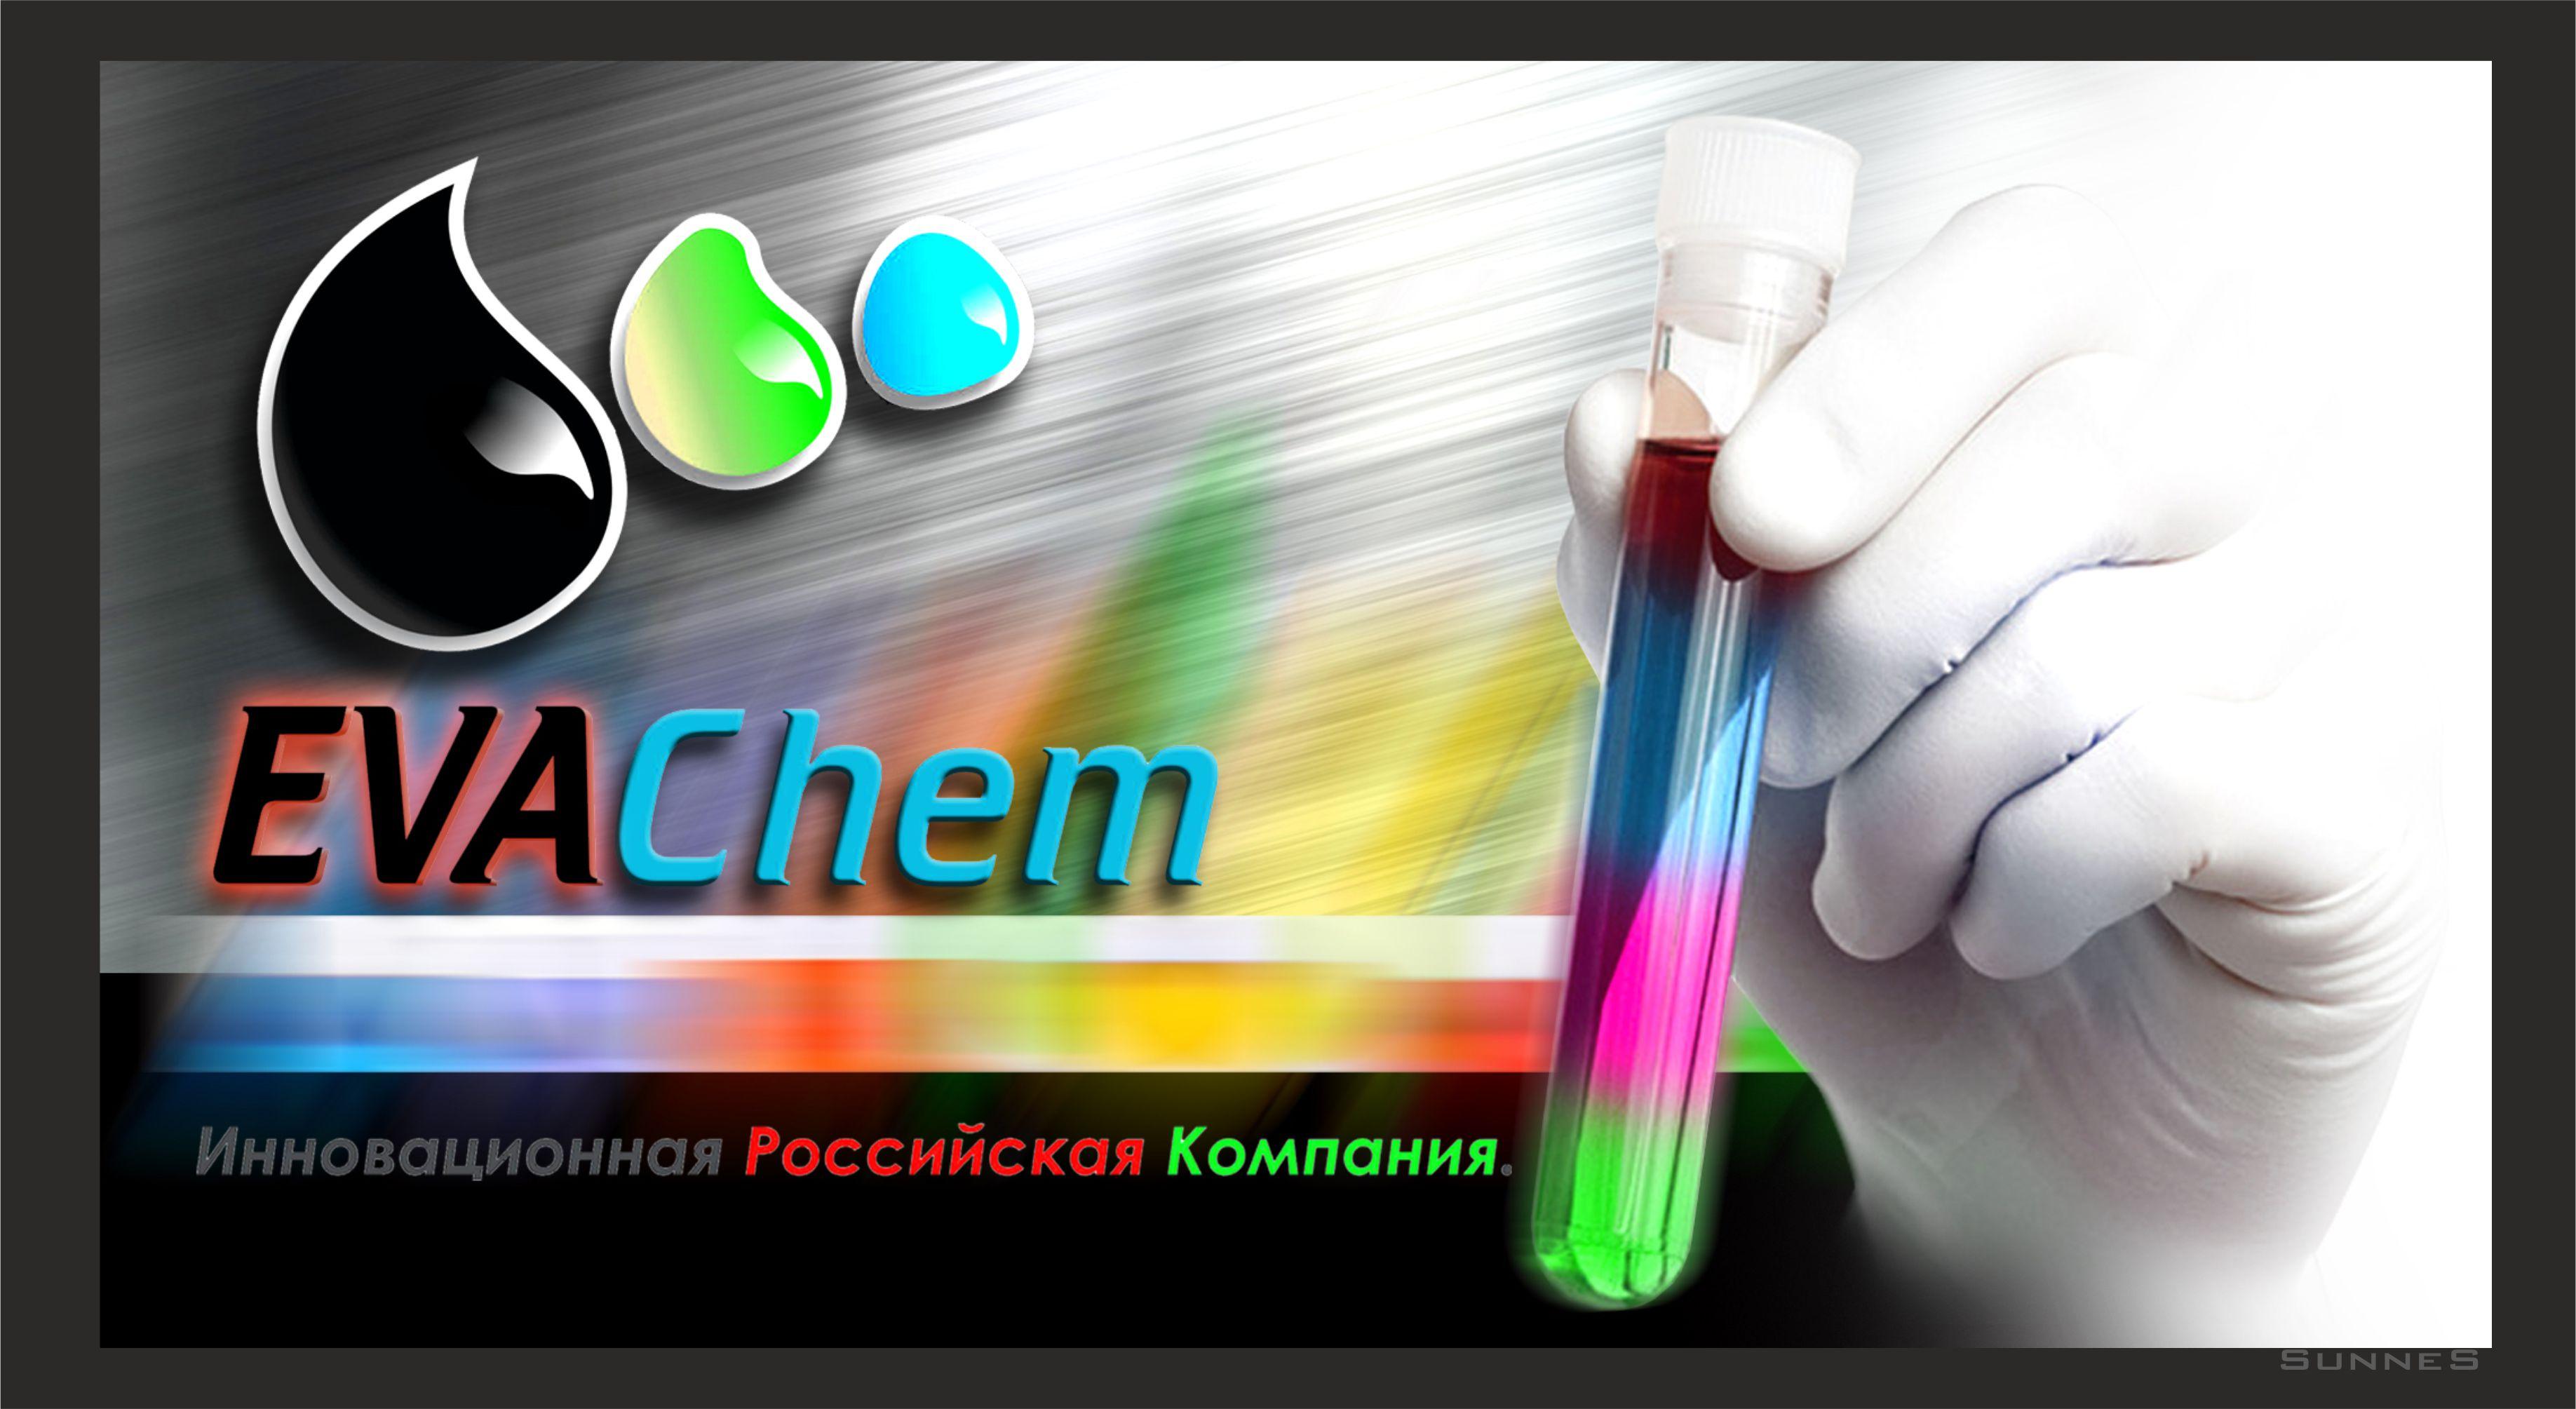 Разработка логотипа и фирменного стиля компании фото f_075572a27056b80d.jpg